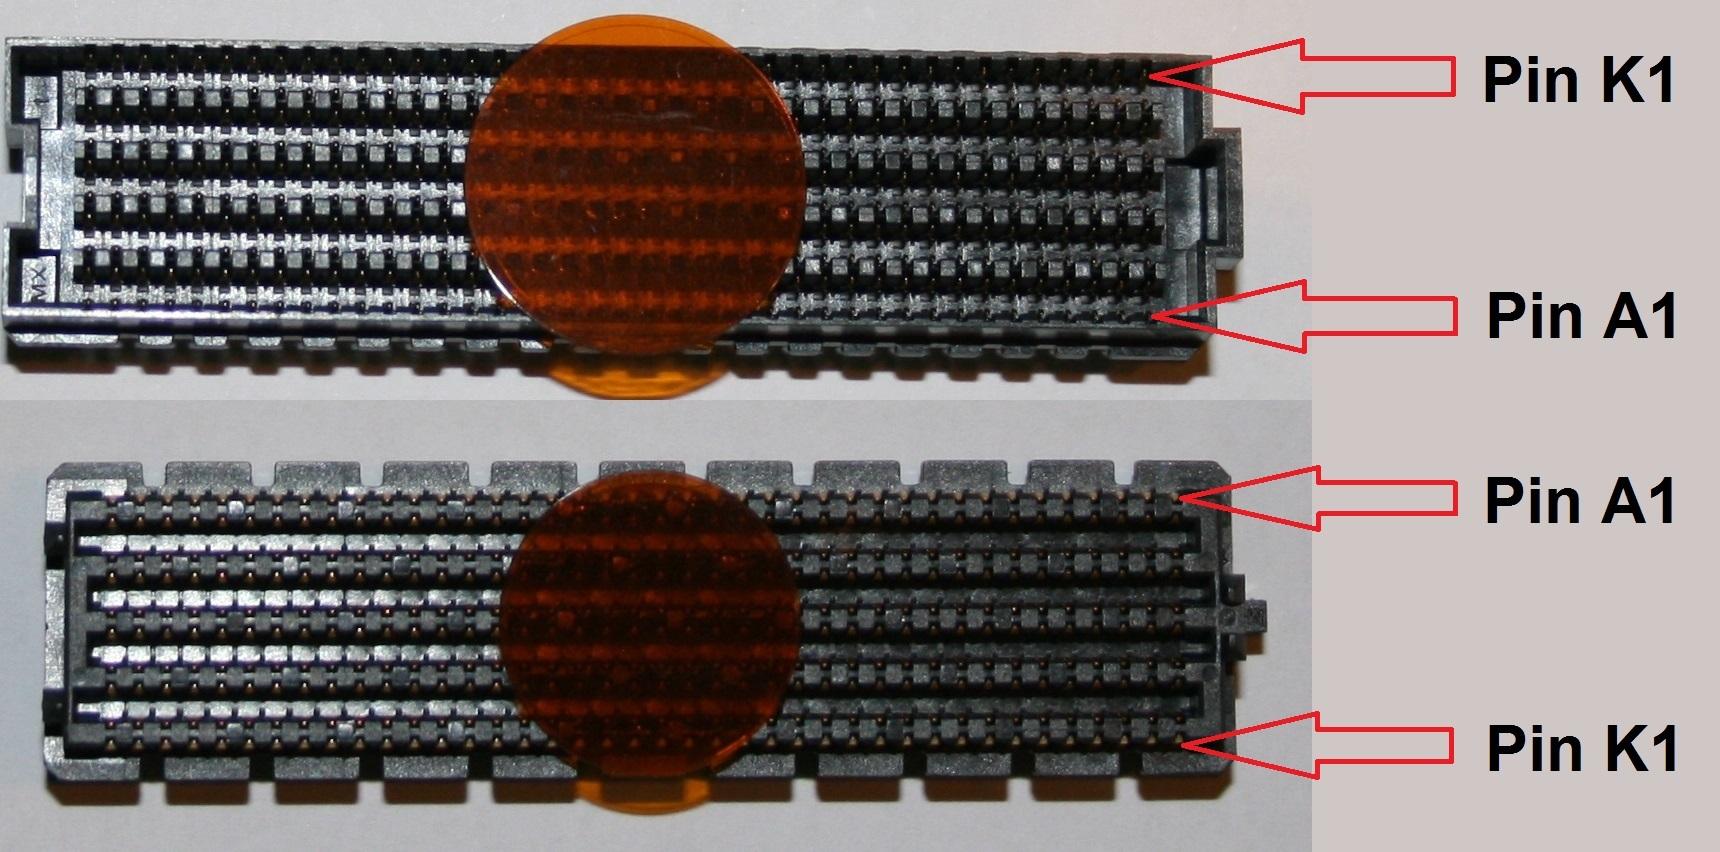 ANSI/VITA 57 FMC - SIGNALS AND PINOUT